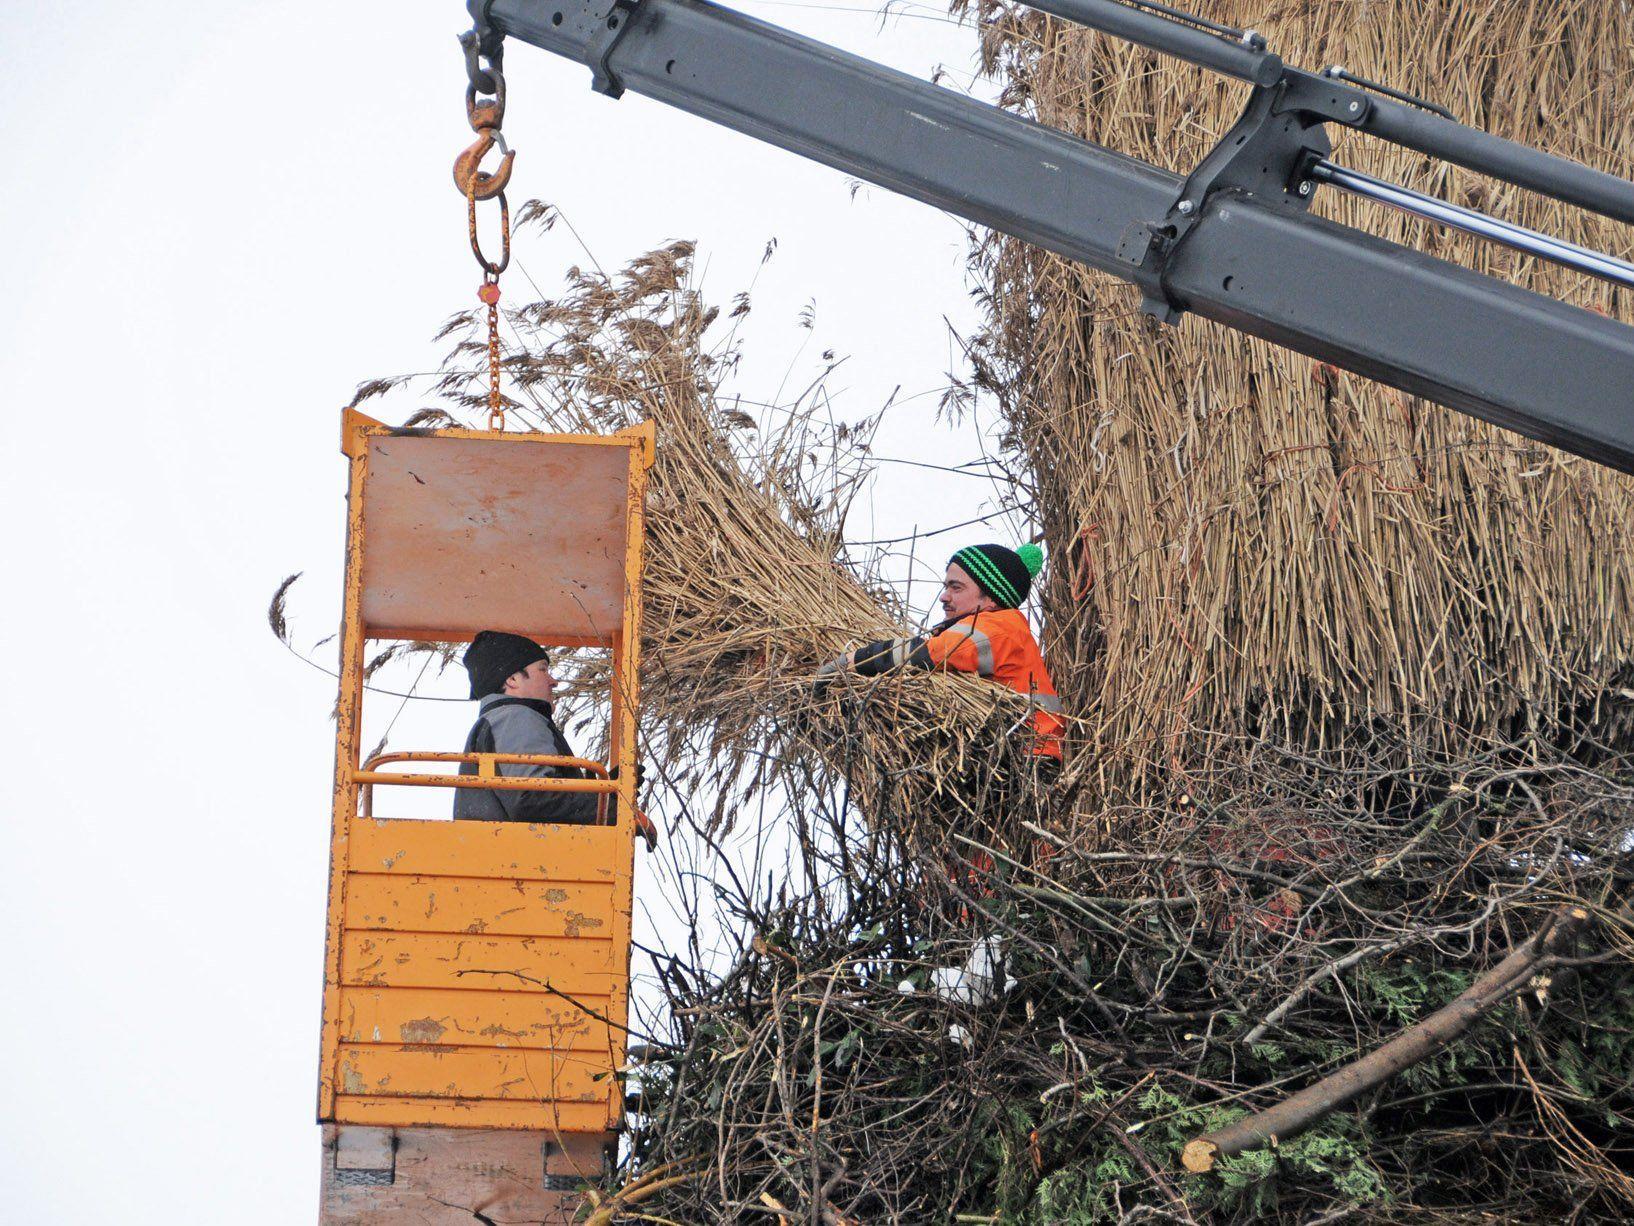 Viel Einsatz beim Bau des Dorfer Funkens in Höchst, der ebenfalls am Sonntag angezündet wird.